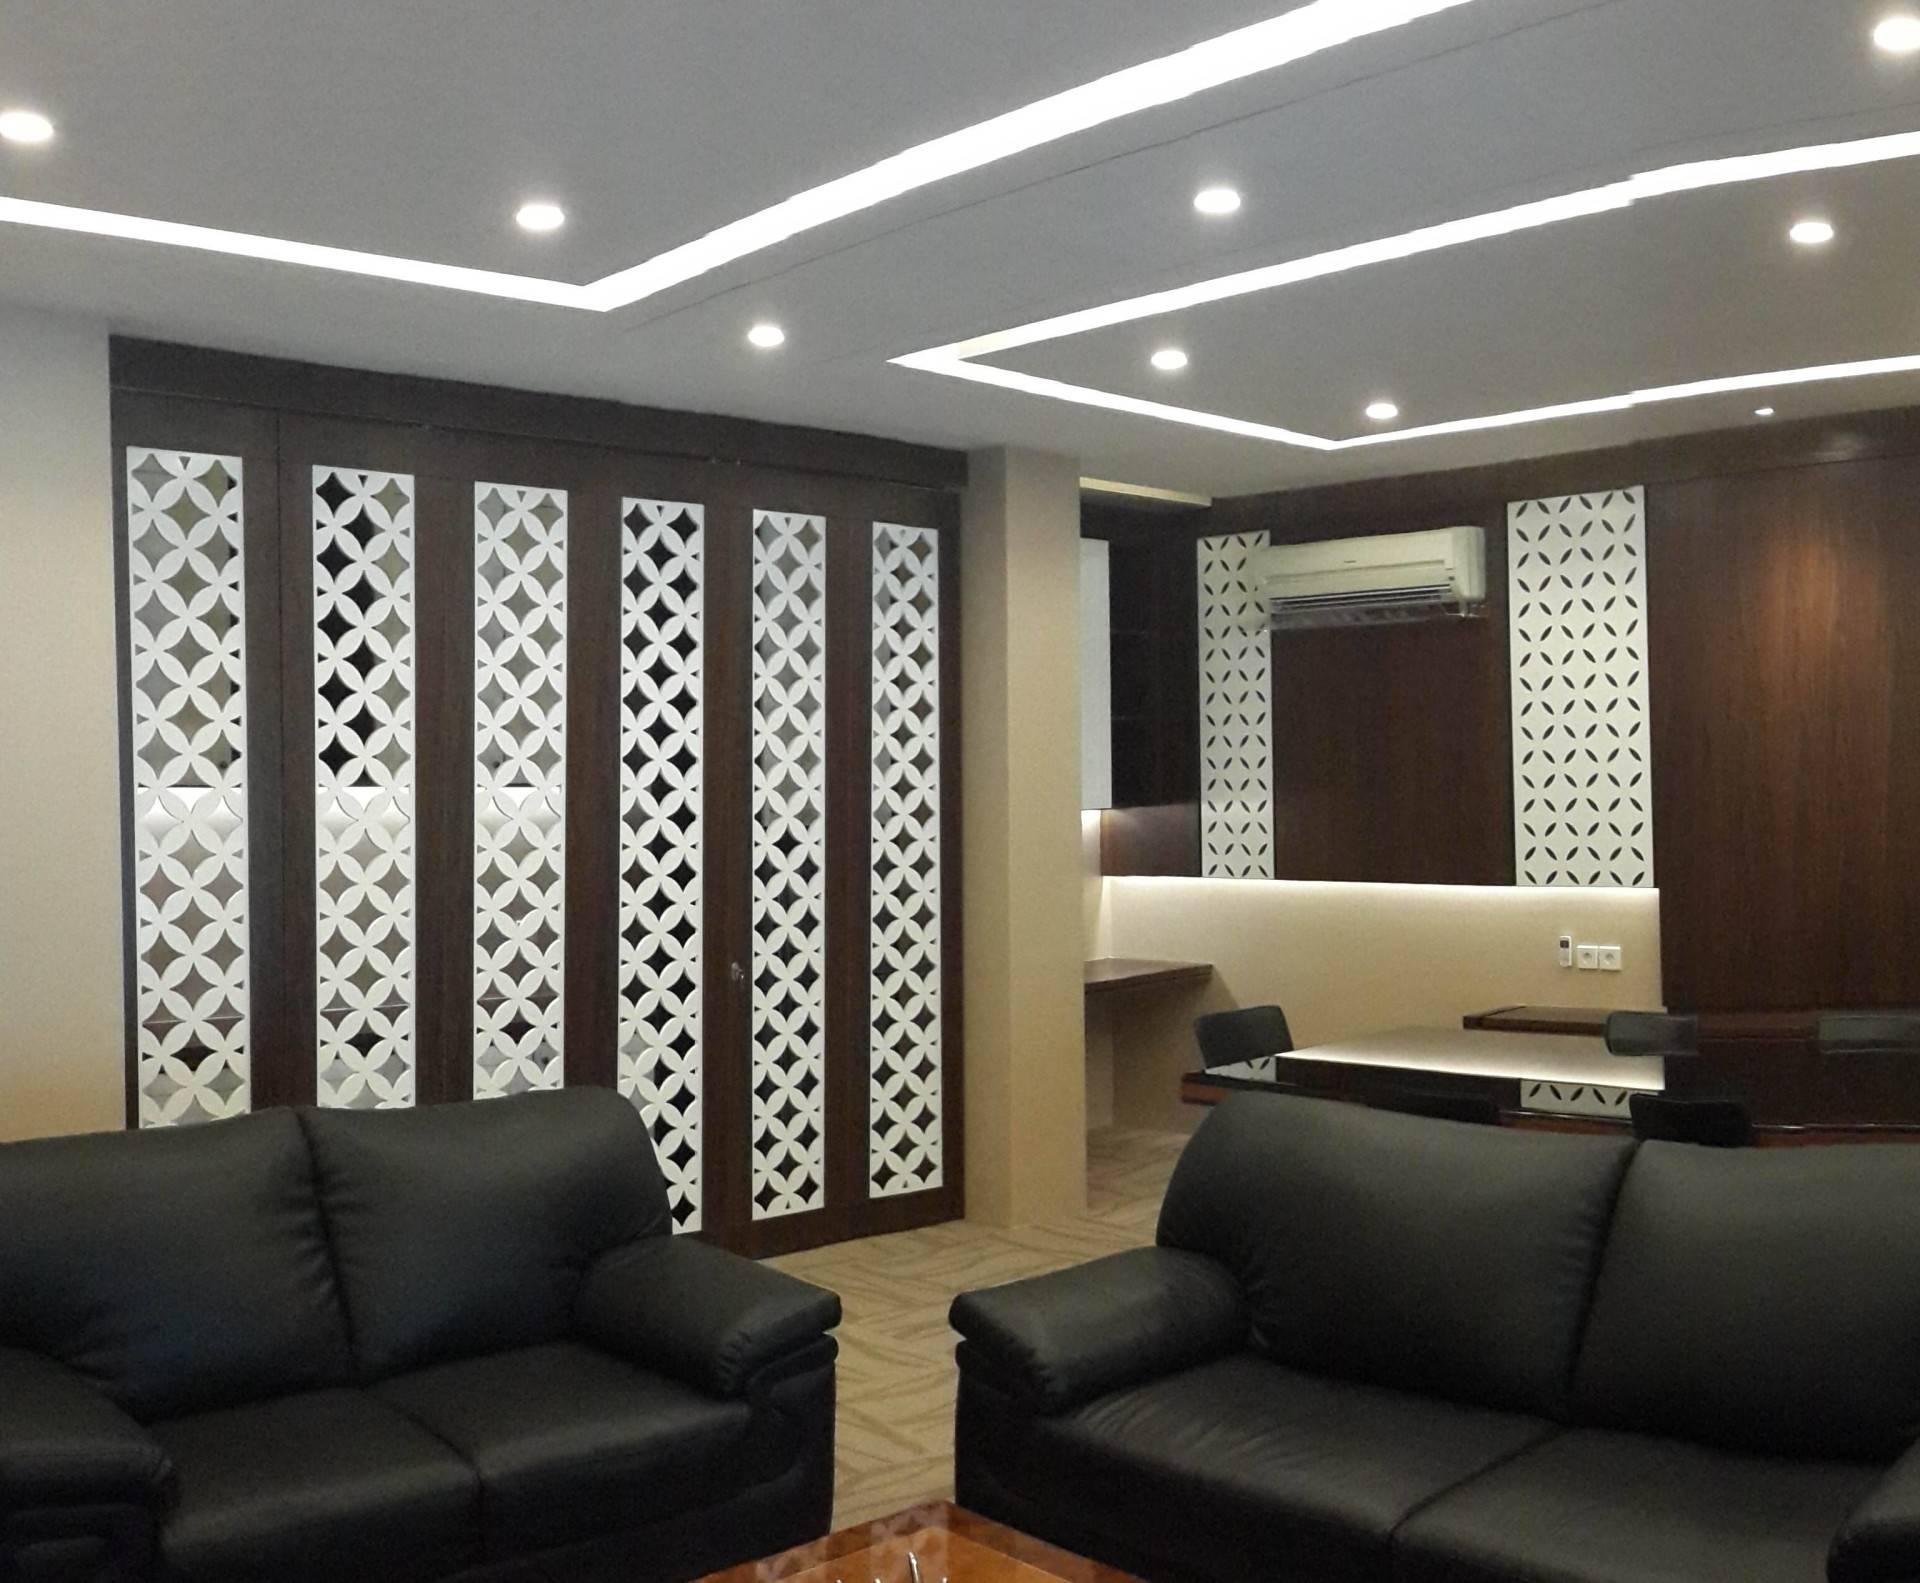 Phidias Indonesia Hanura Office Tanjung Karang, Central Jakarta Tanjung Karang, Central Jakarta Picture16   4281